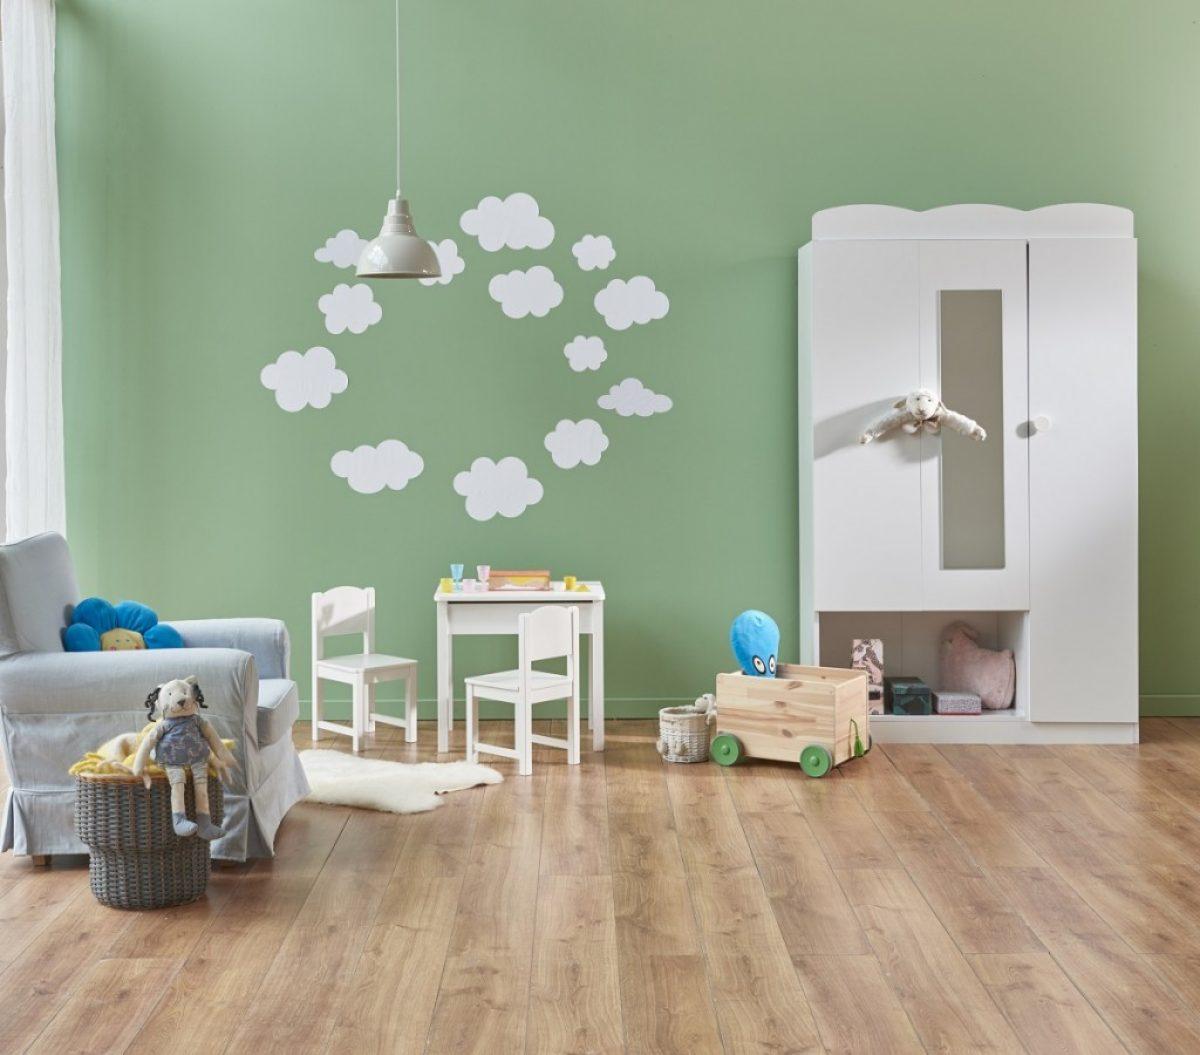 7 Εκπληκτικά χρώματα για το Αγορίστικο Παιδικό Δωμάτιο που αγαπούν παιδιά & γονείς!